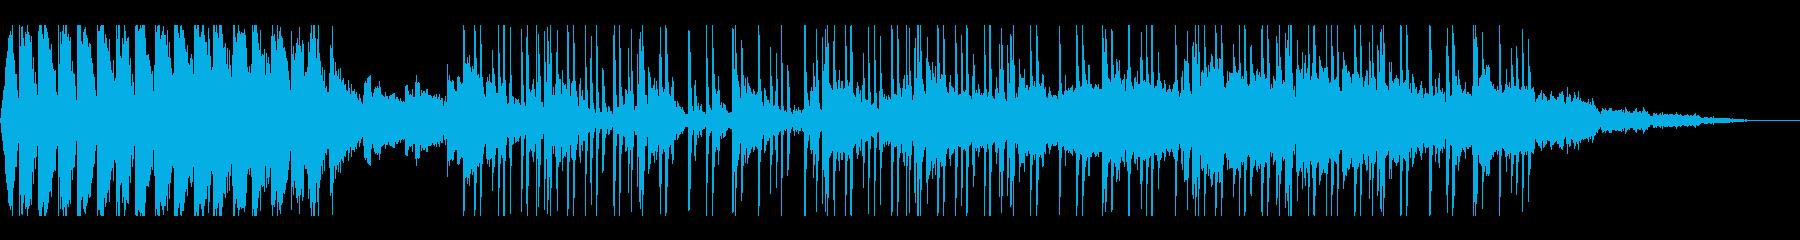 エレクトロニカトラックは、ハートビ...の再生済みの波形